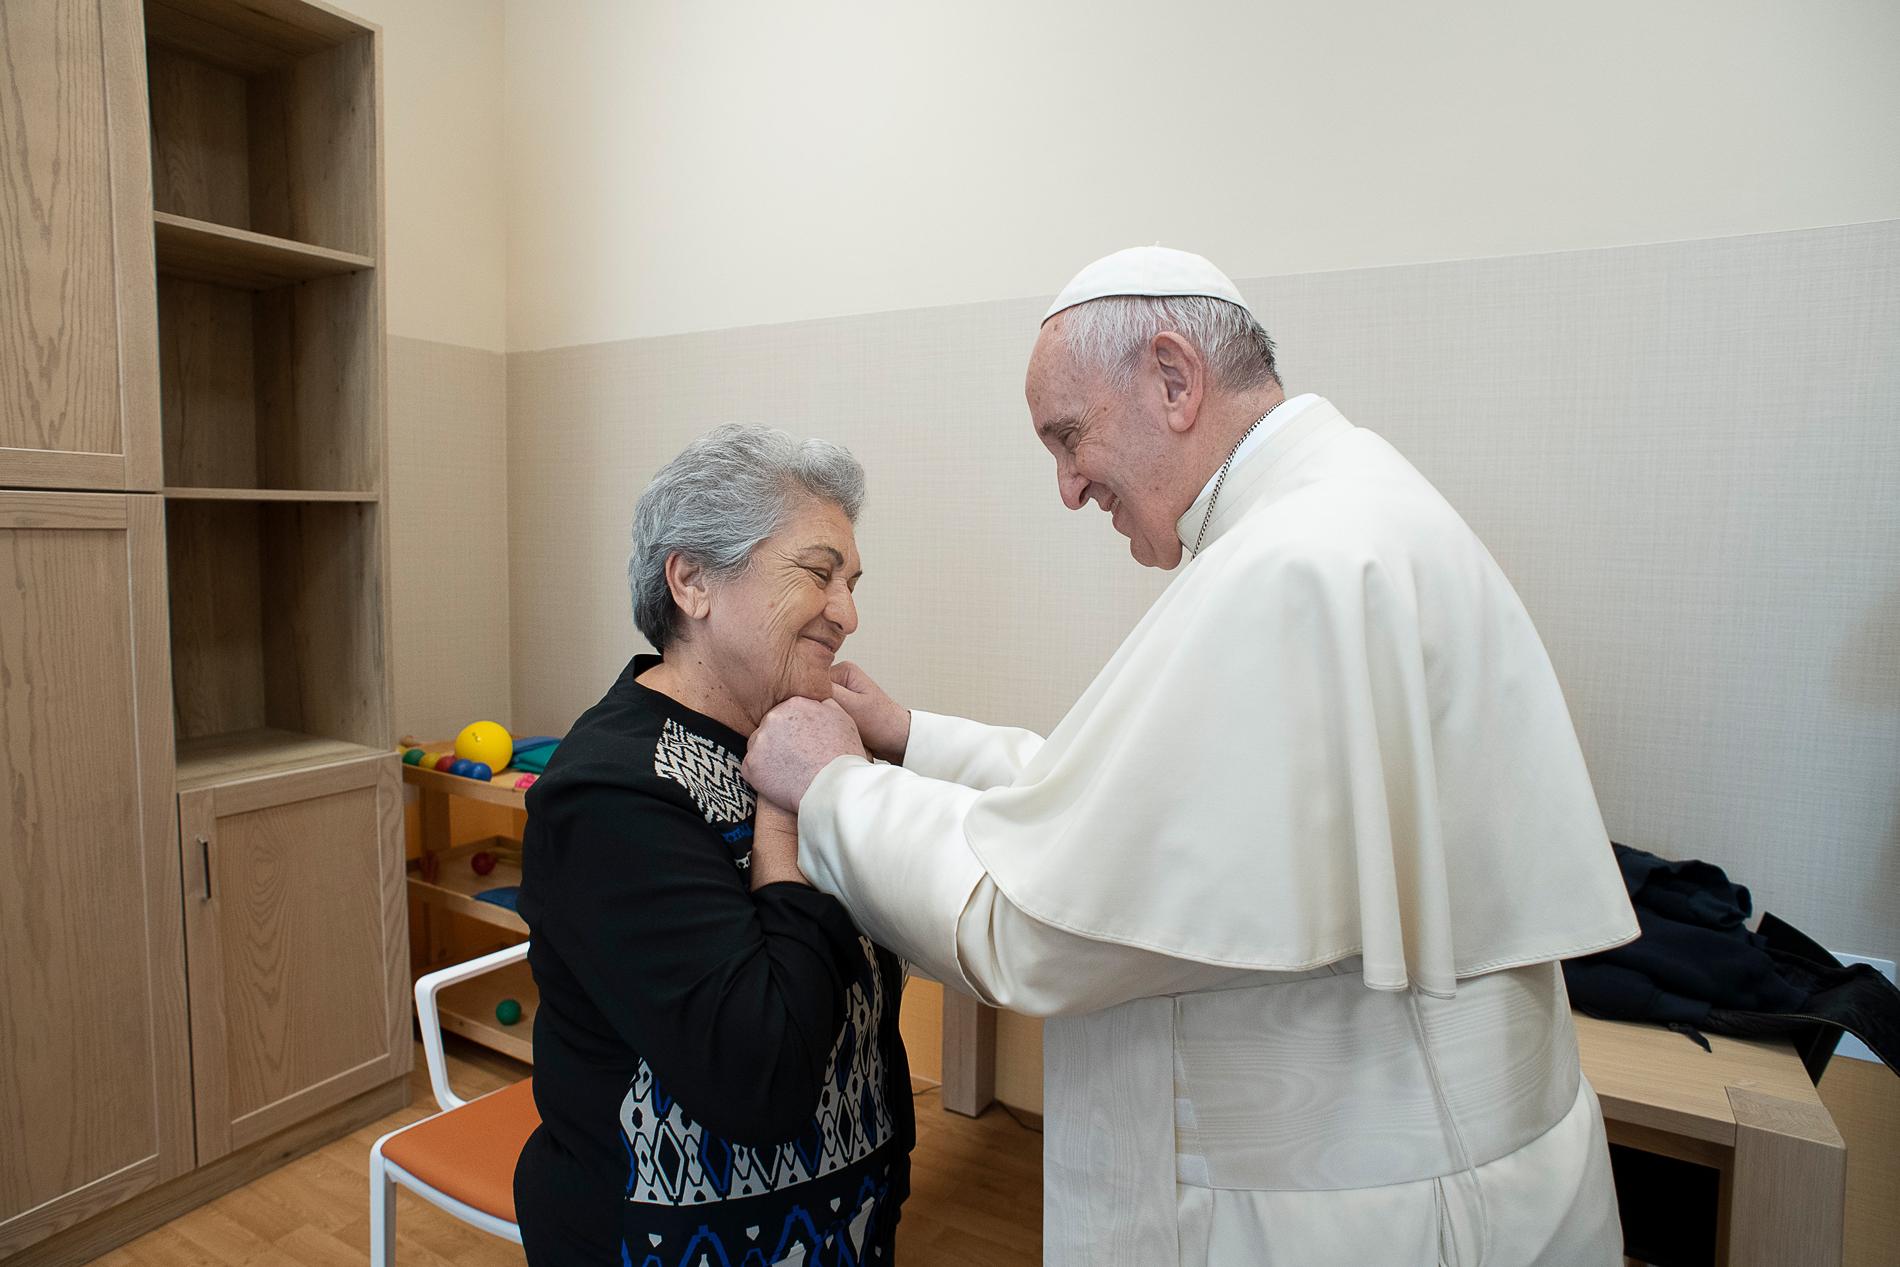 El Papa visita una casa de enfermos de Alzheimer cerca de Roma © Vatican Media